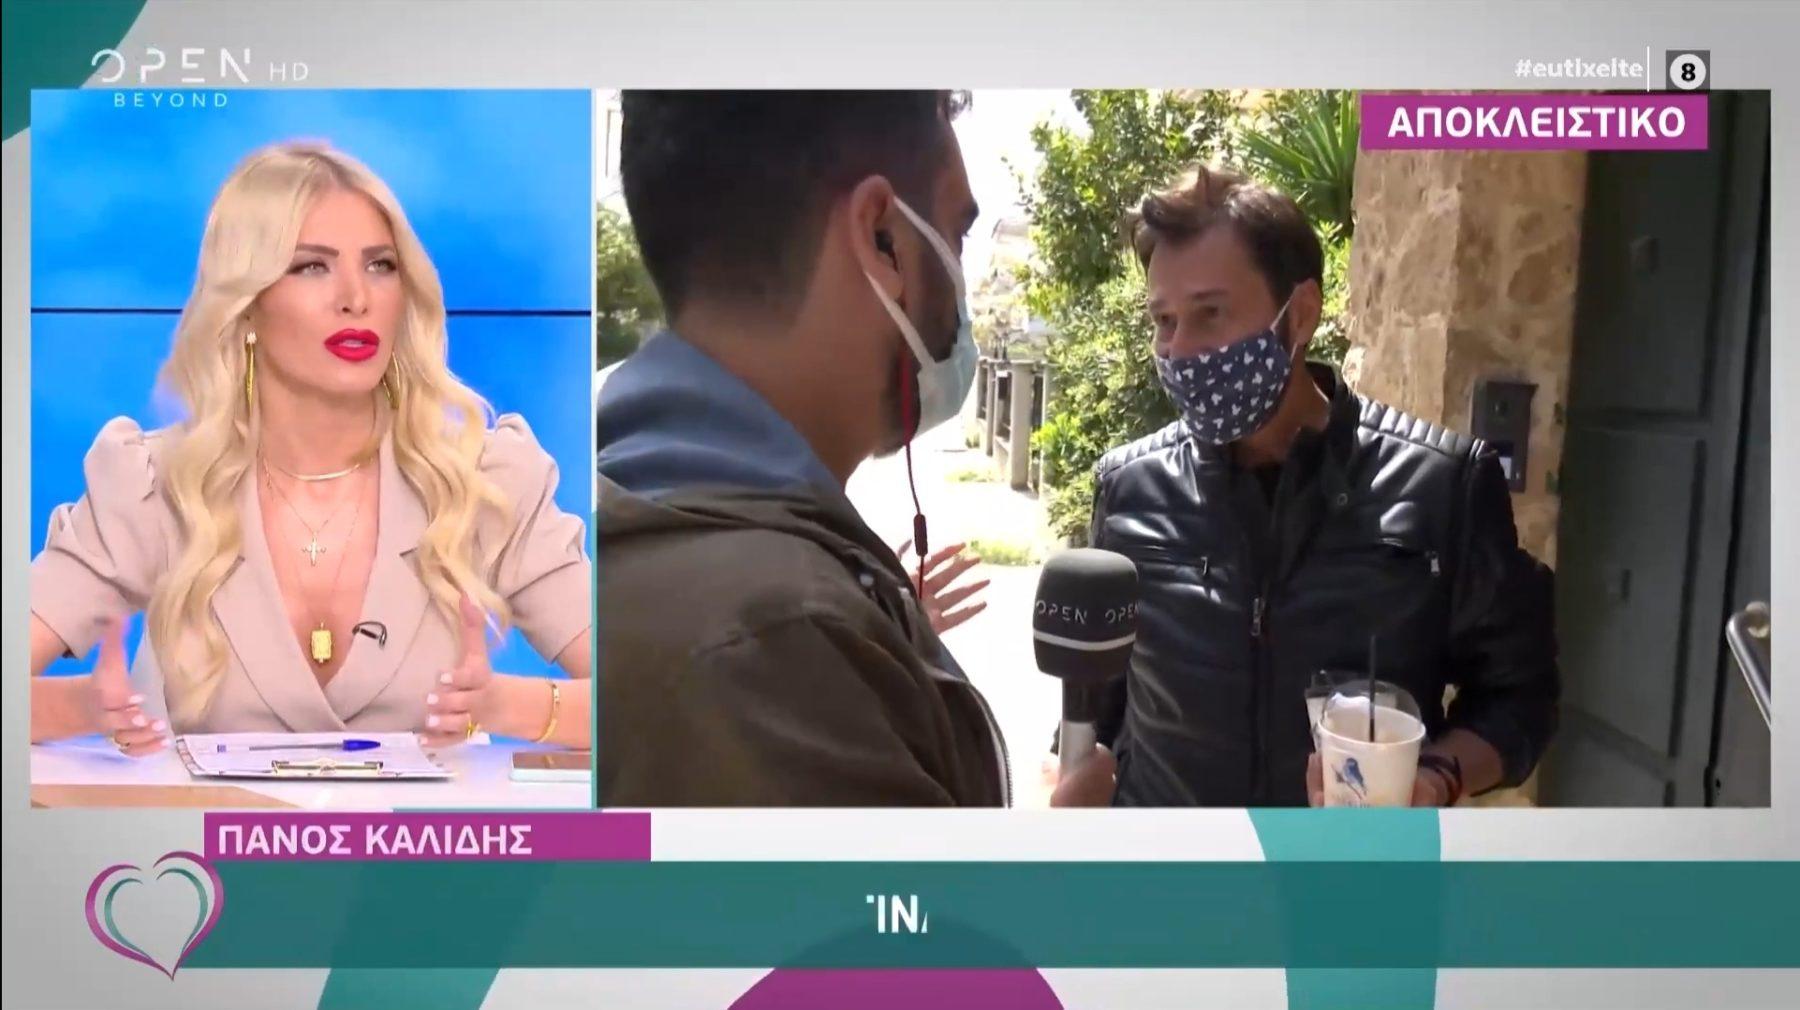 Πάνος Καλίδης: Η αντίδραση του όταν τον ρώτησαν για τον Γιώργο Λιβάνη και τον Σάκη Κατσούλη